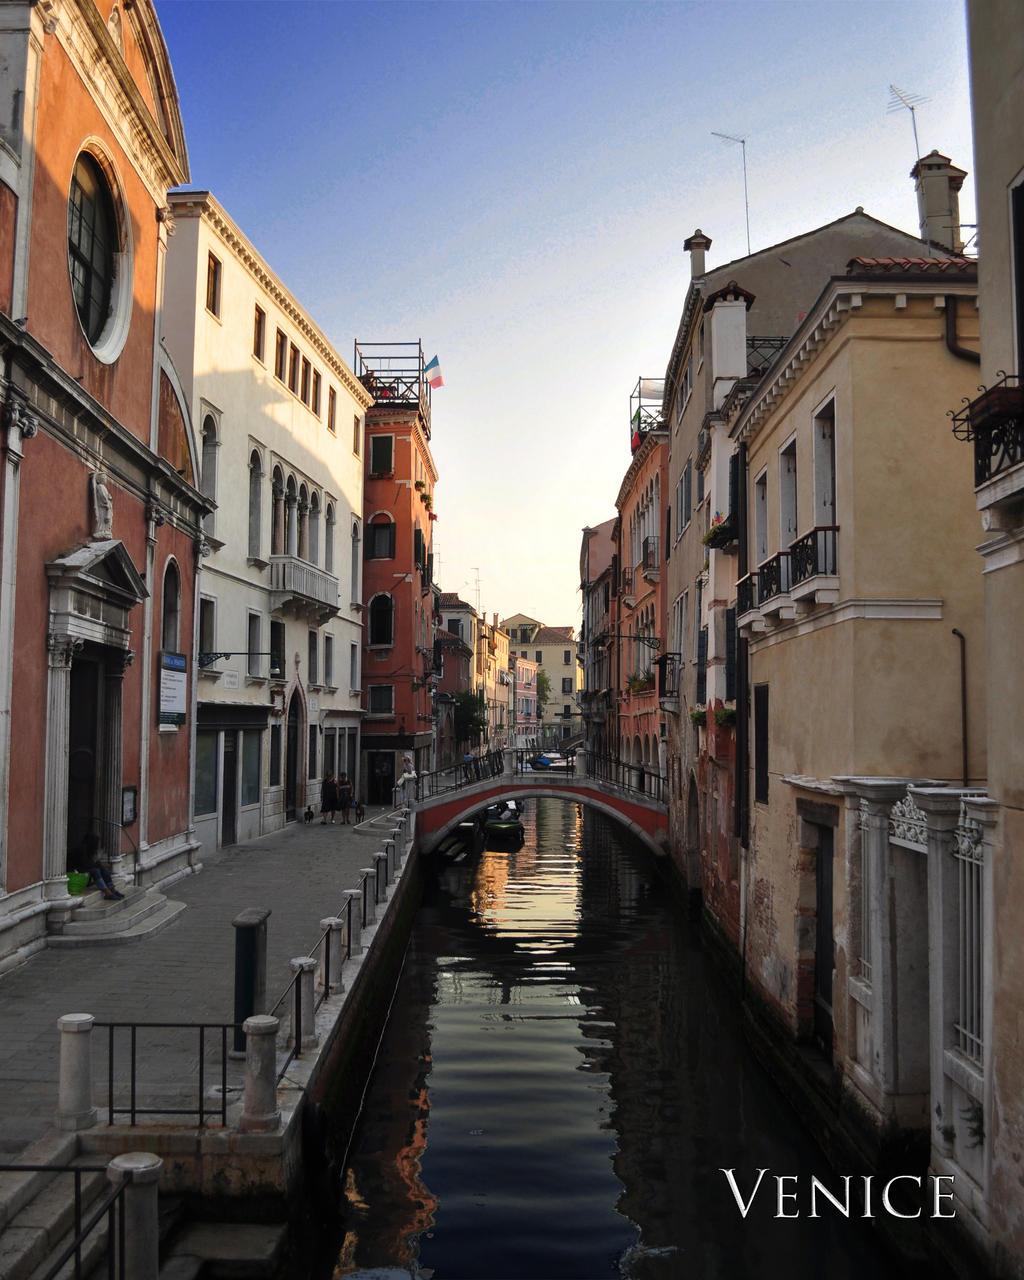 Passages - Venice 1 copy